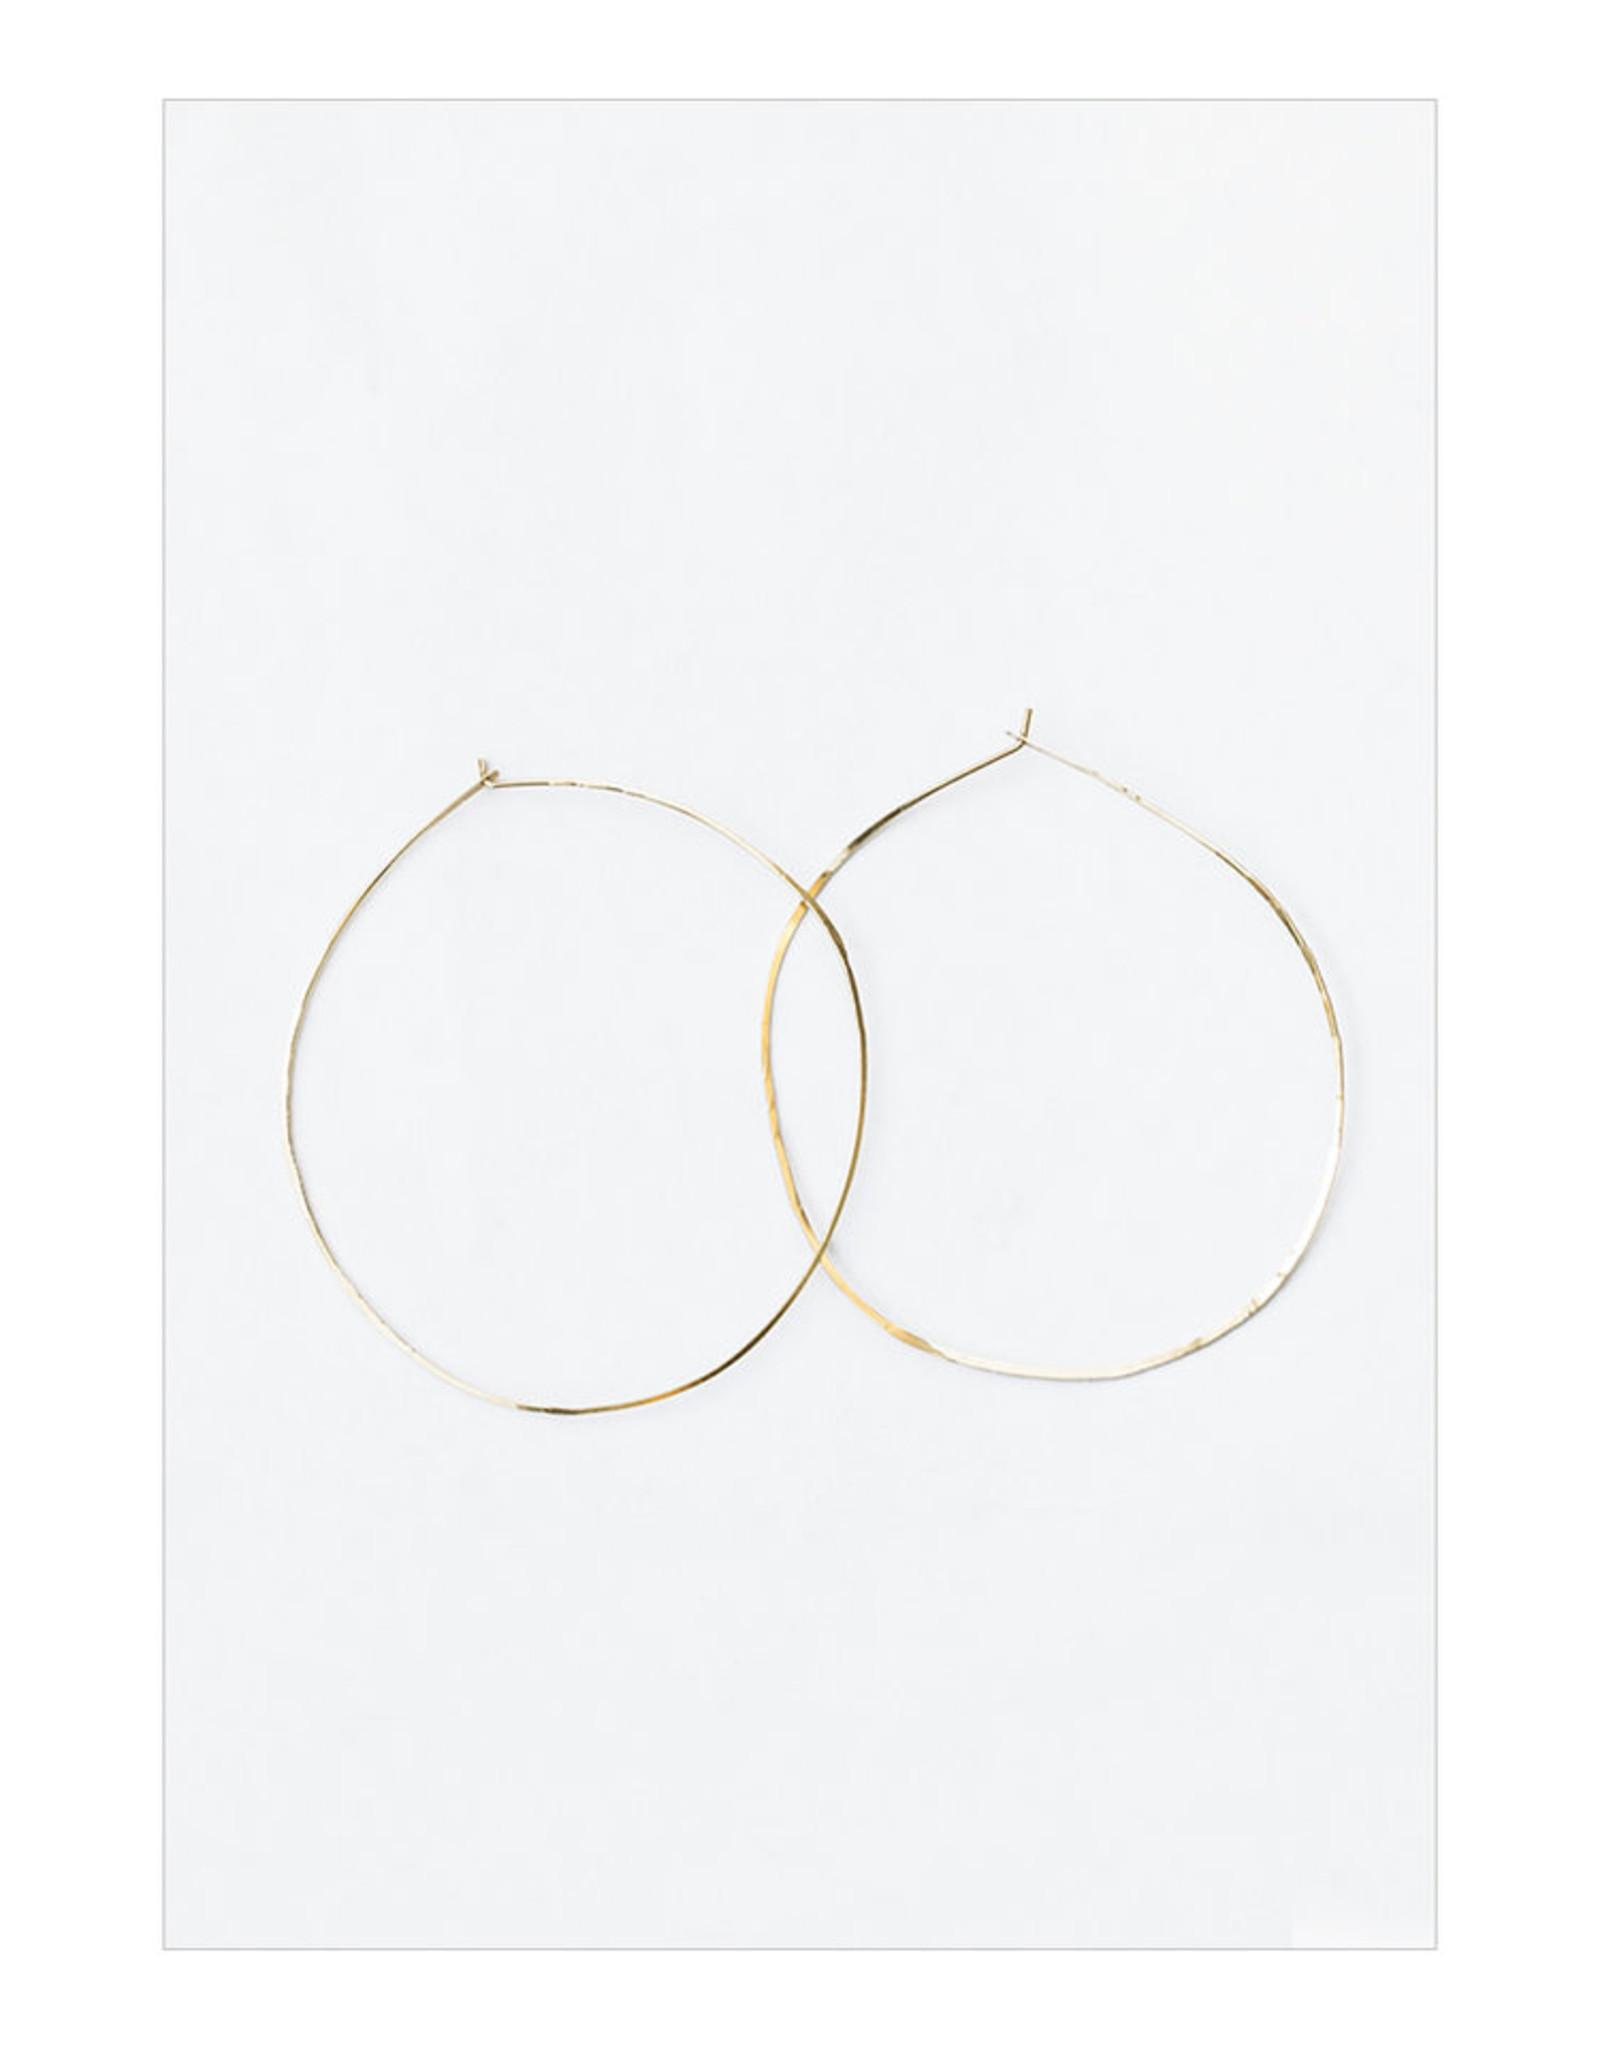 sara forrest design Gold Filled Hammered Hoops by Sara Forrest Design